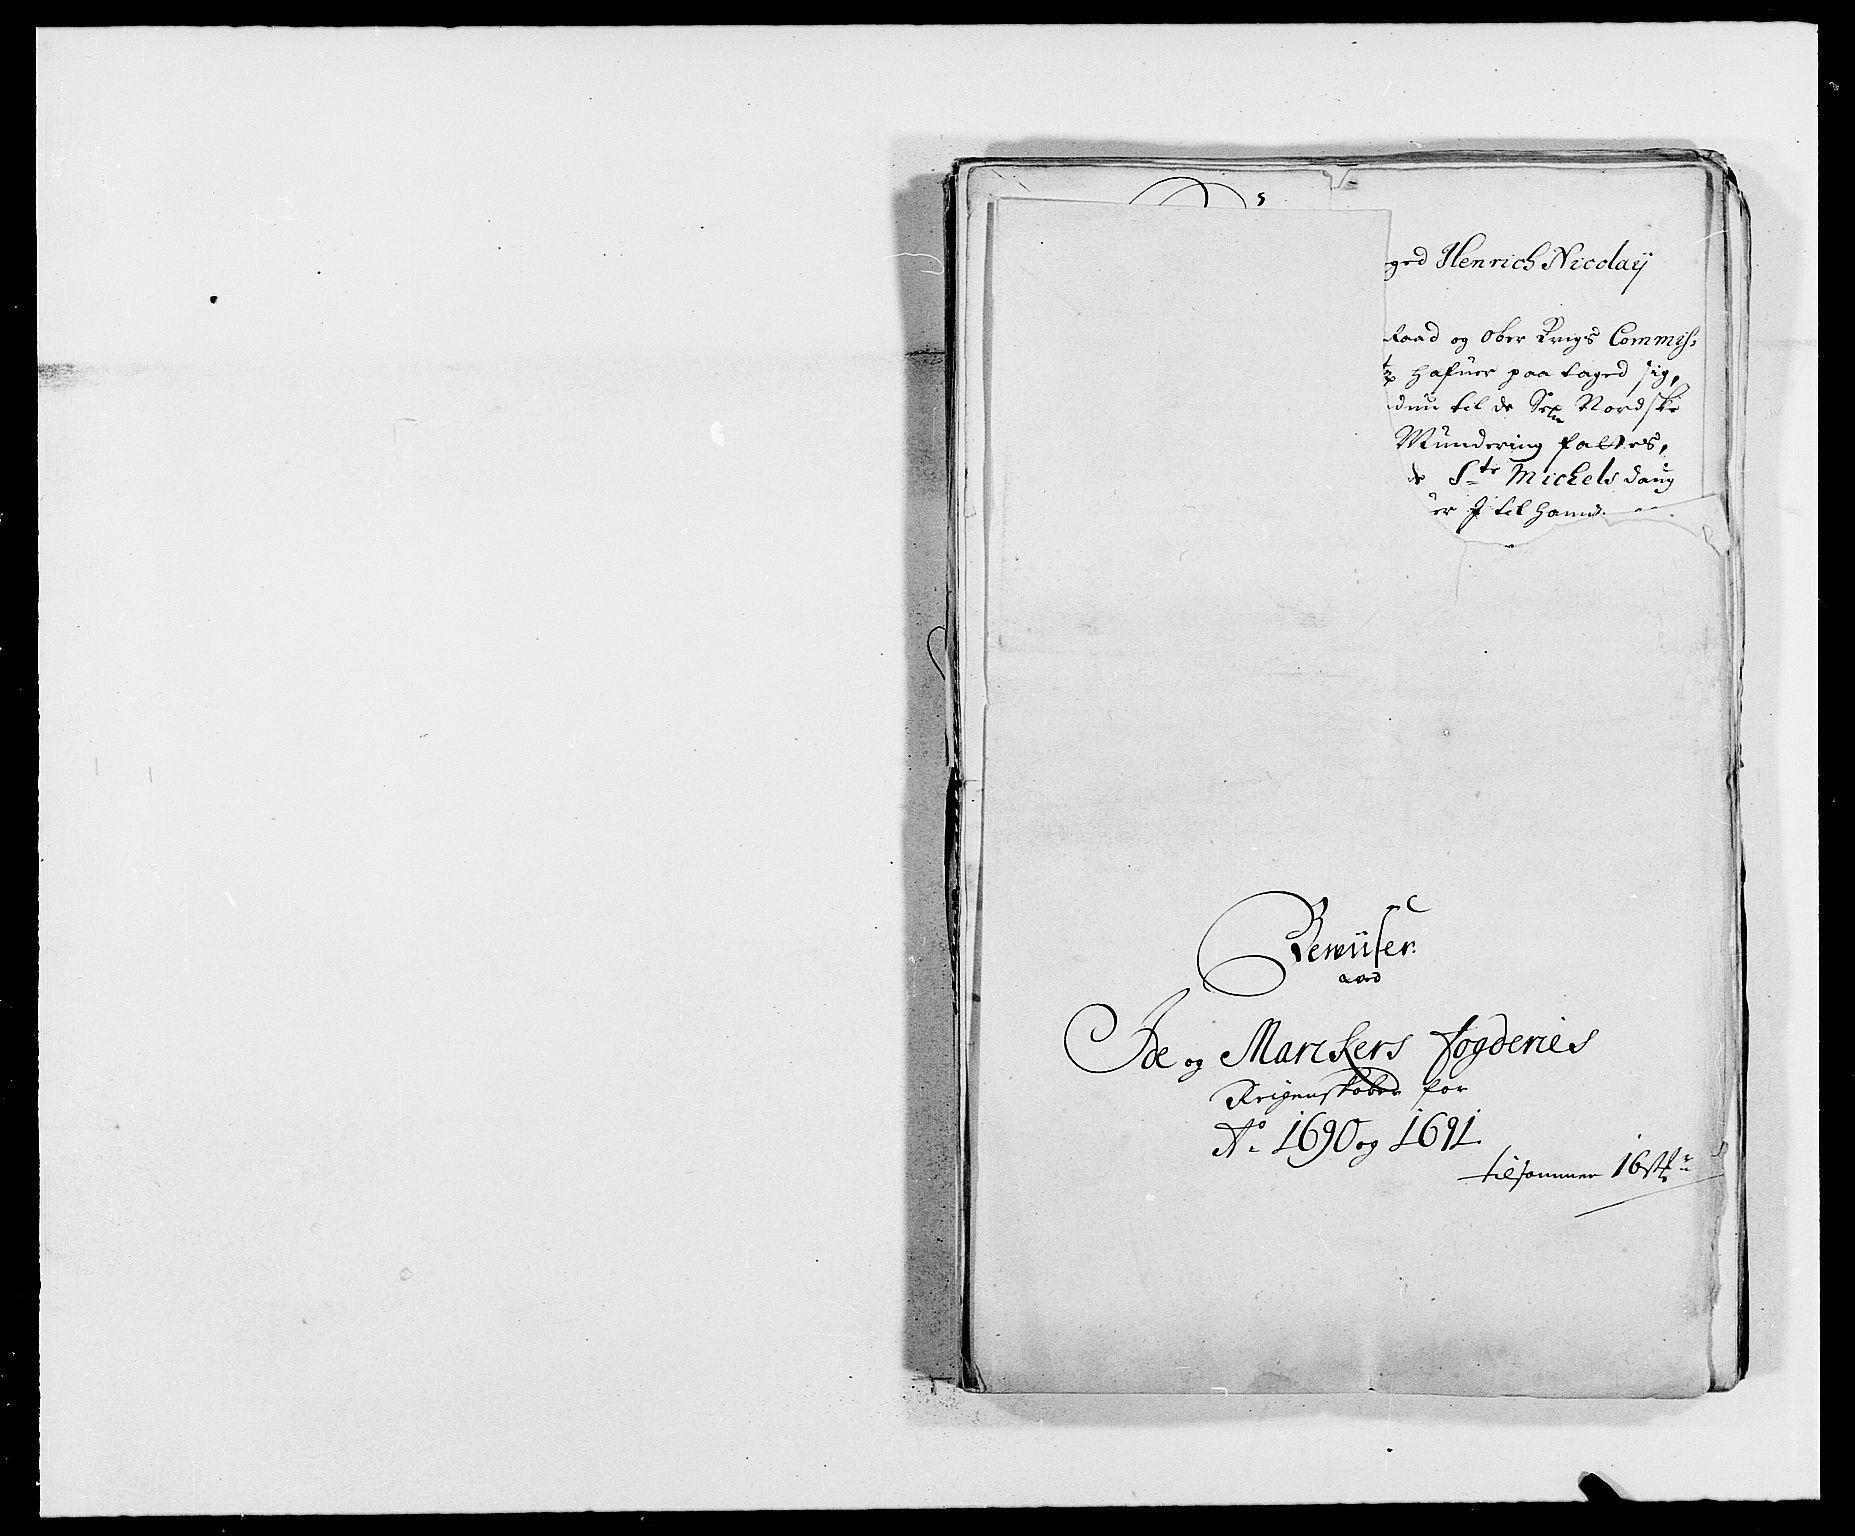 RA, Rentekammeret inntil 1814, Reviderte regnskaper, Fogderegnskap, R01/L0010: Fogderegnskap Idd og Marker, 1690-1691, p. 42